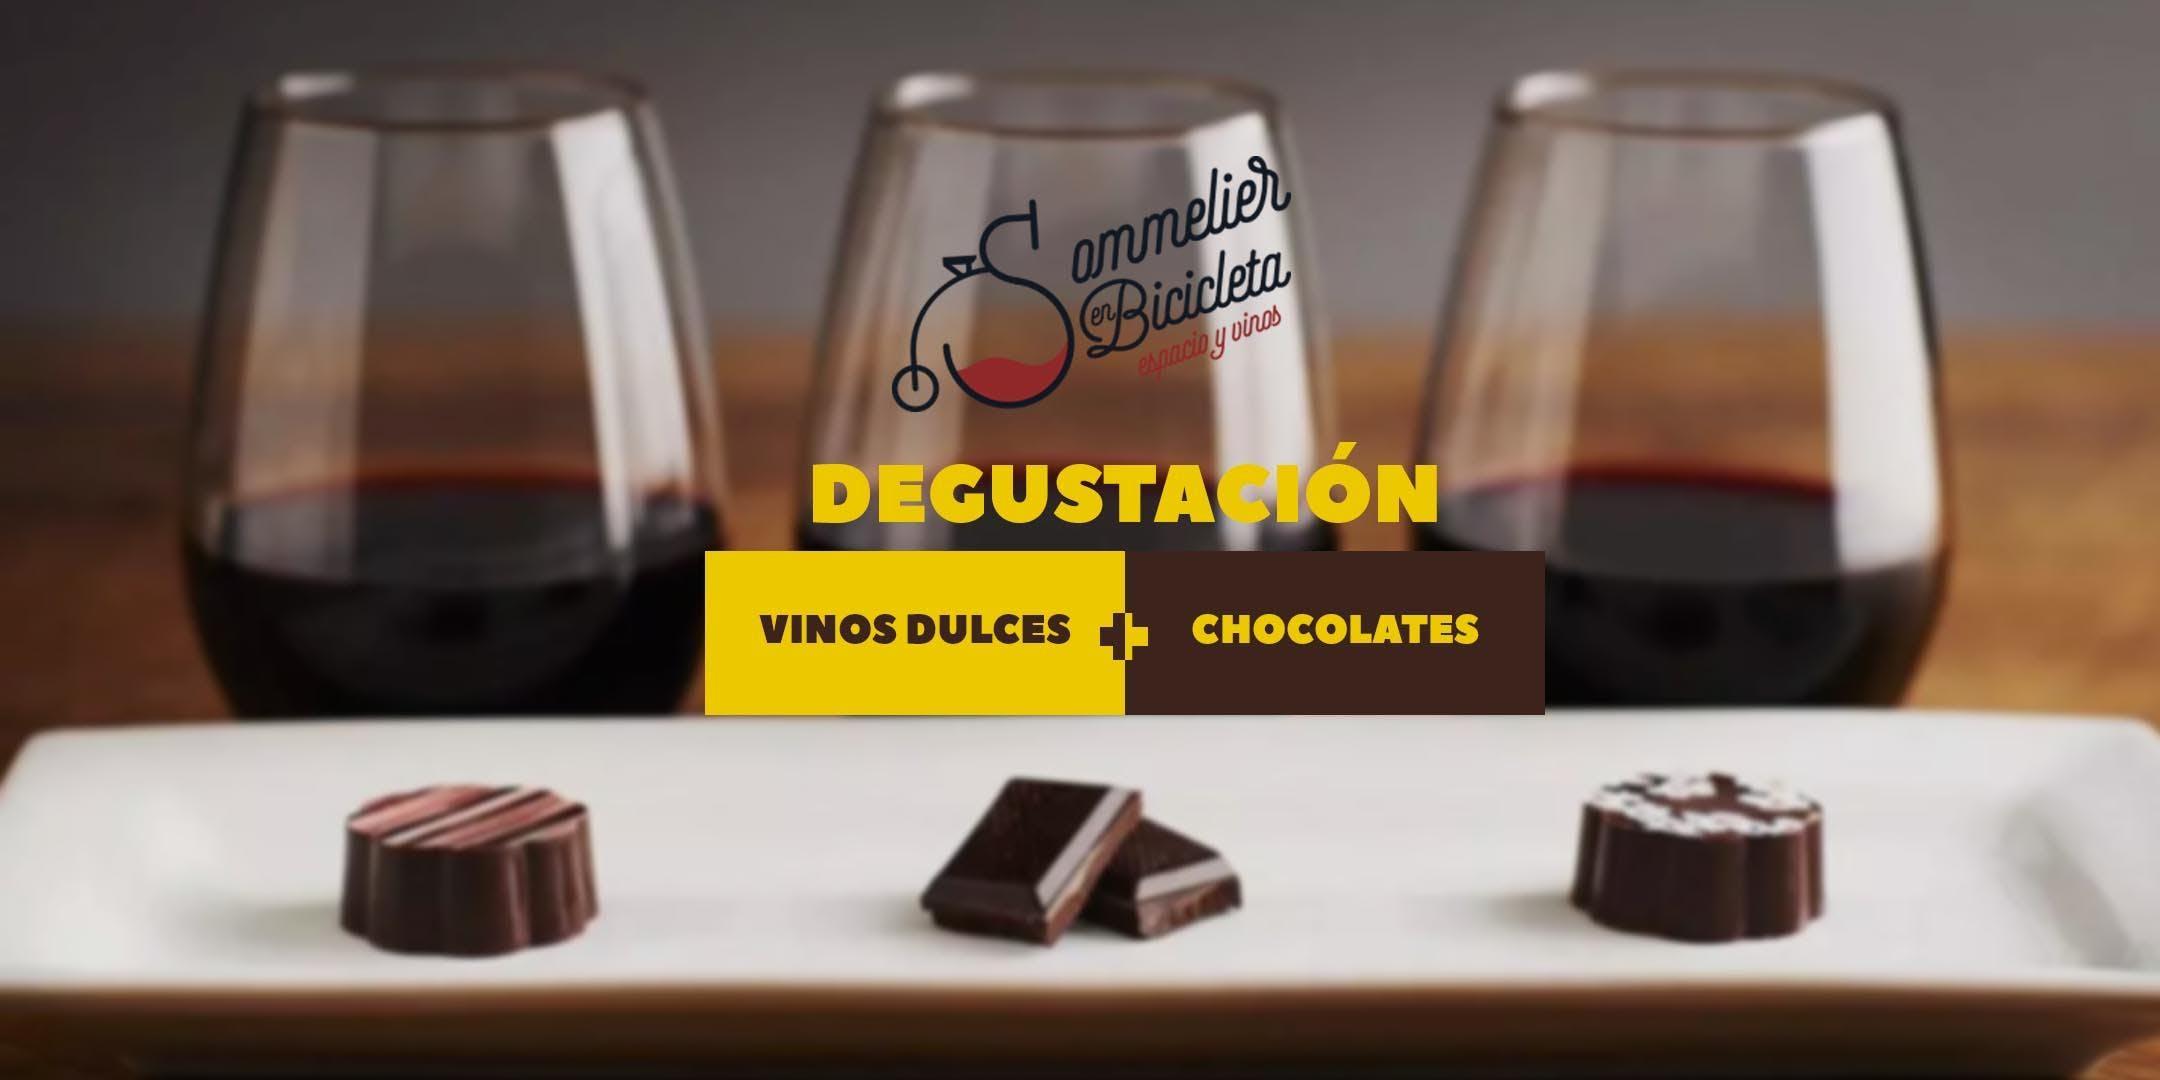 Degustación de Vinos dulces y chocolates